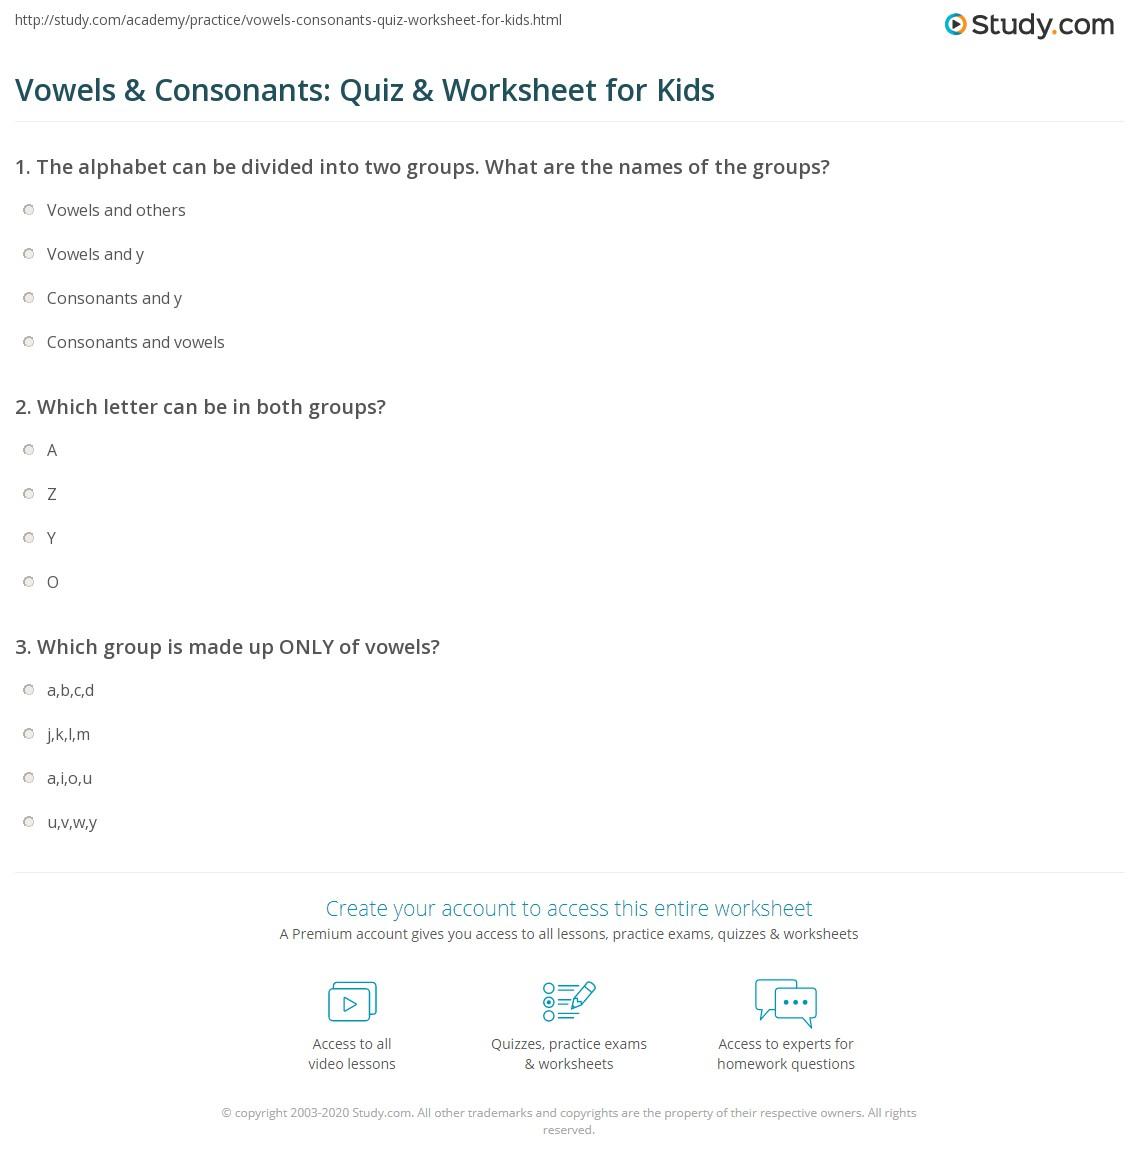 Worksheets Vowels And Consonants Worksheets vowels consonants quiz worksheet for kids study com print lesson worksheet